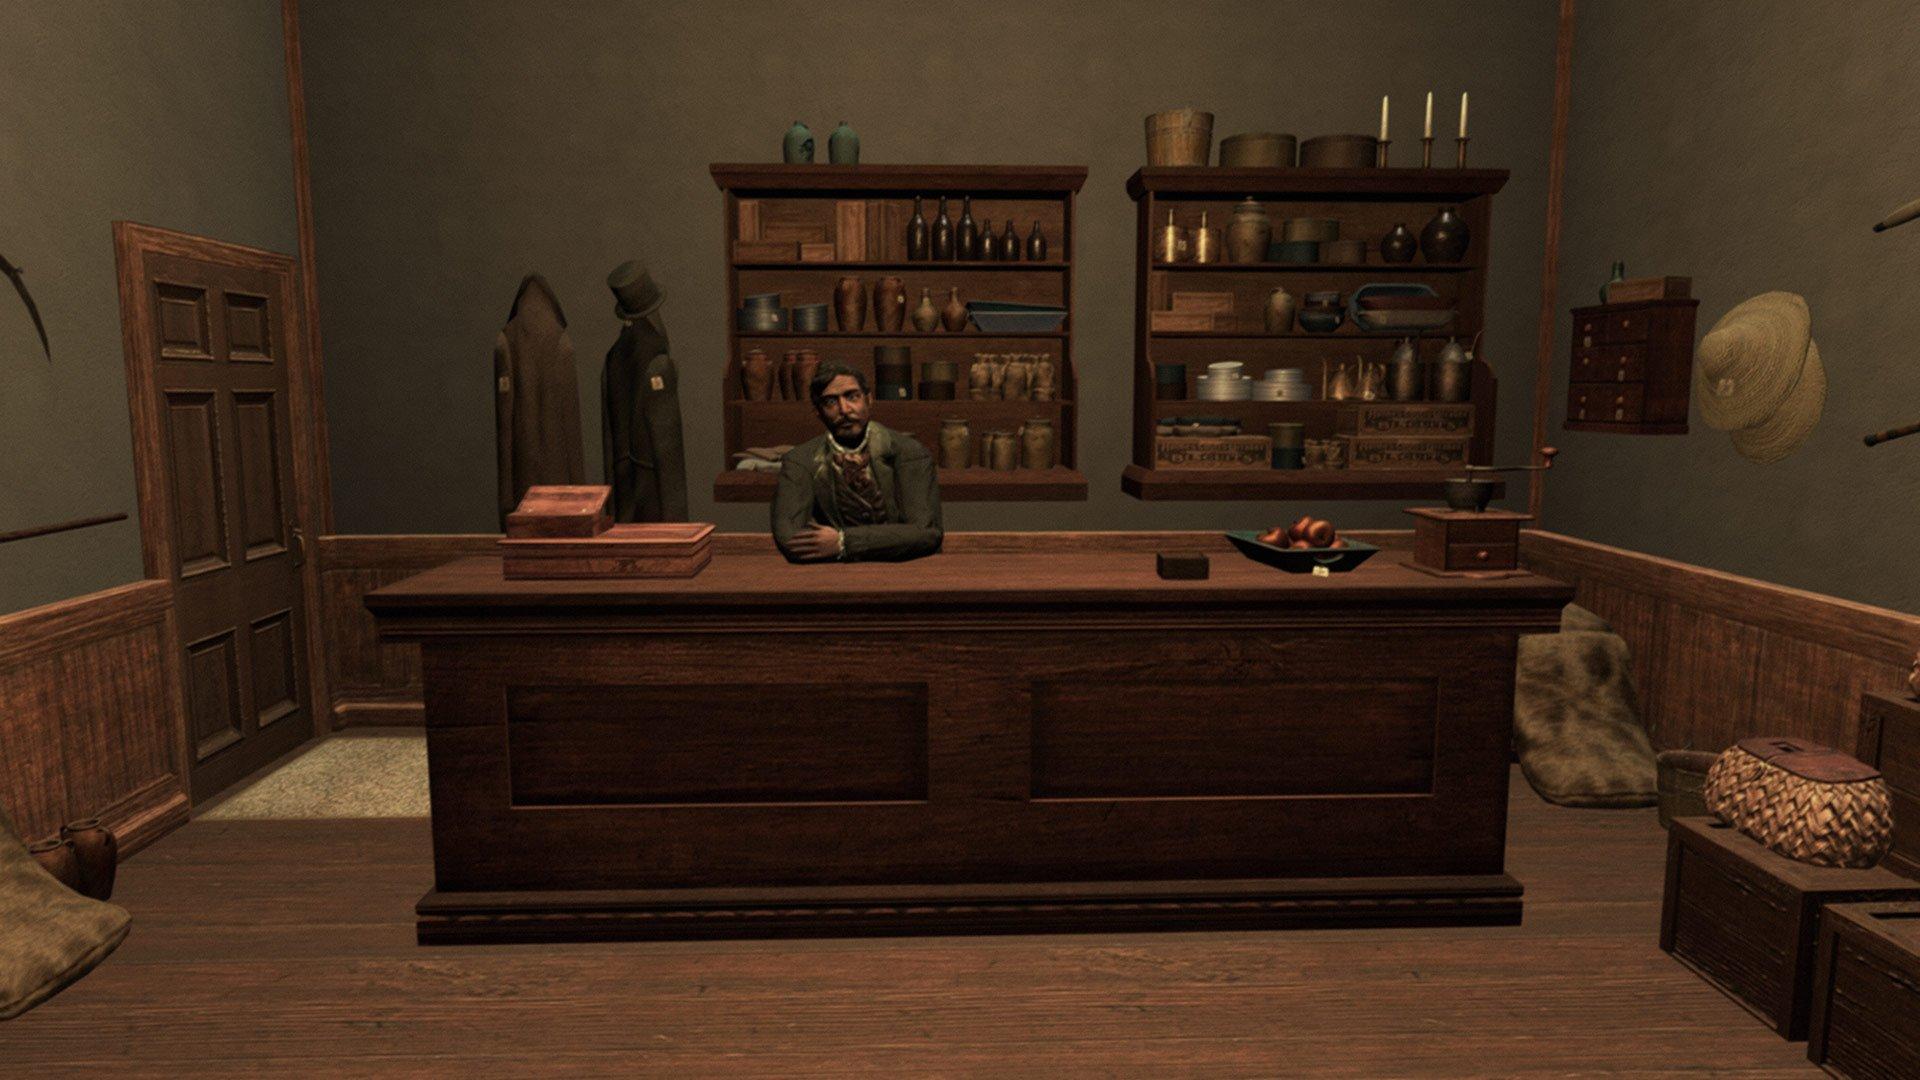 Screenshot from Walden, a game